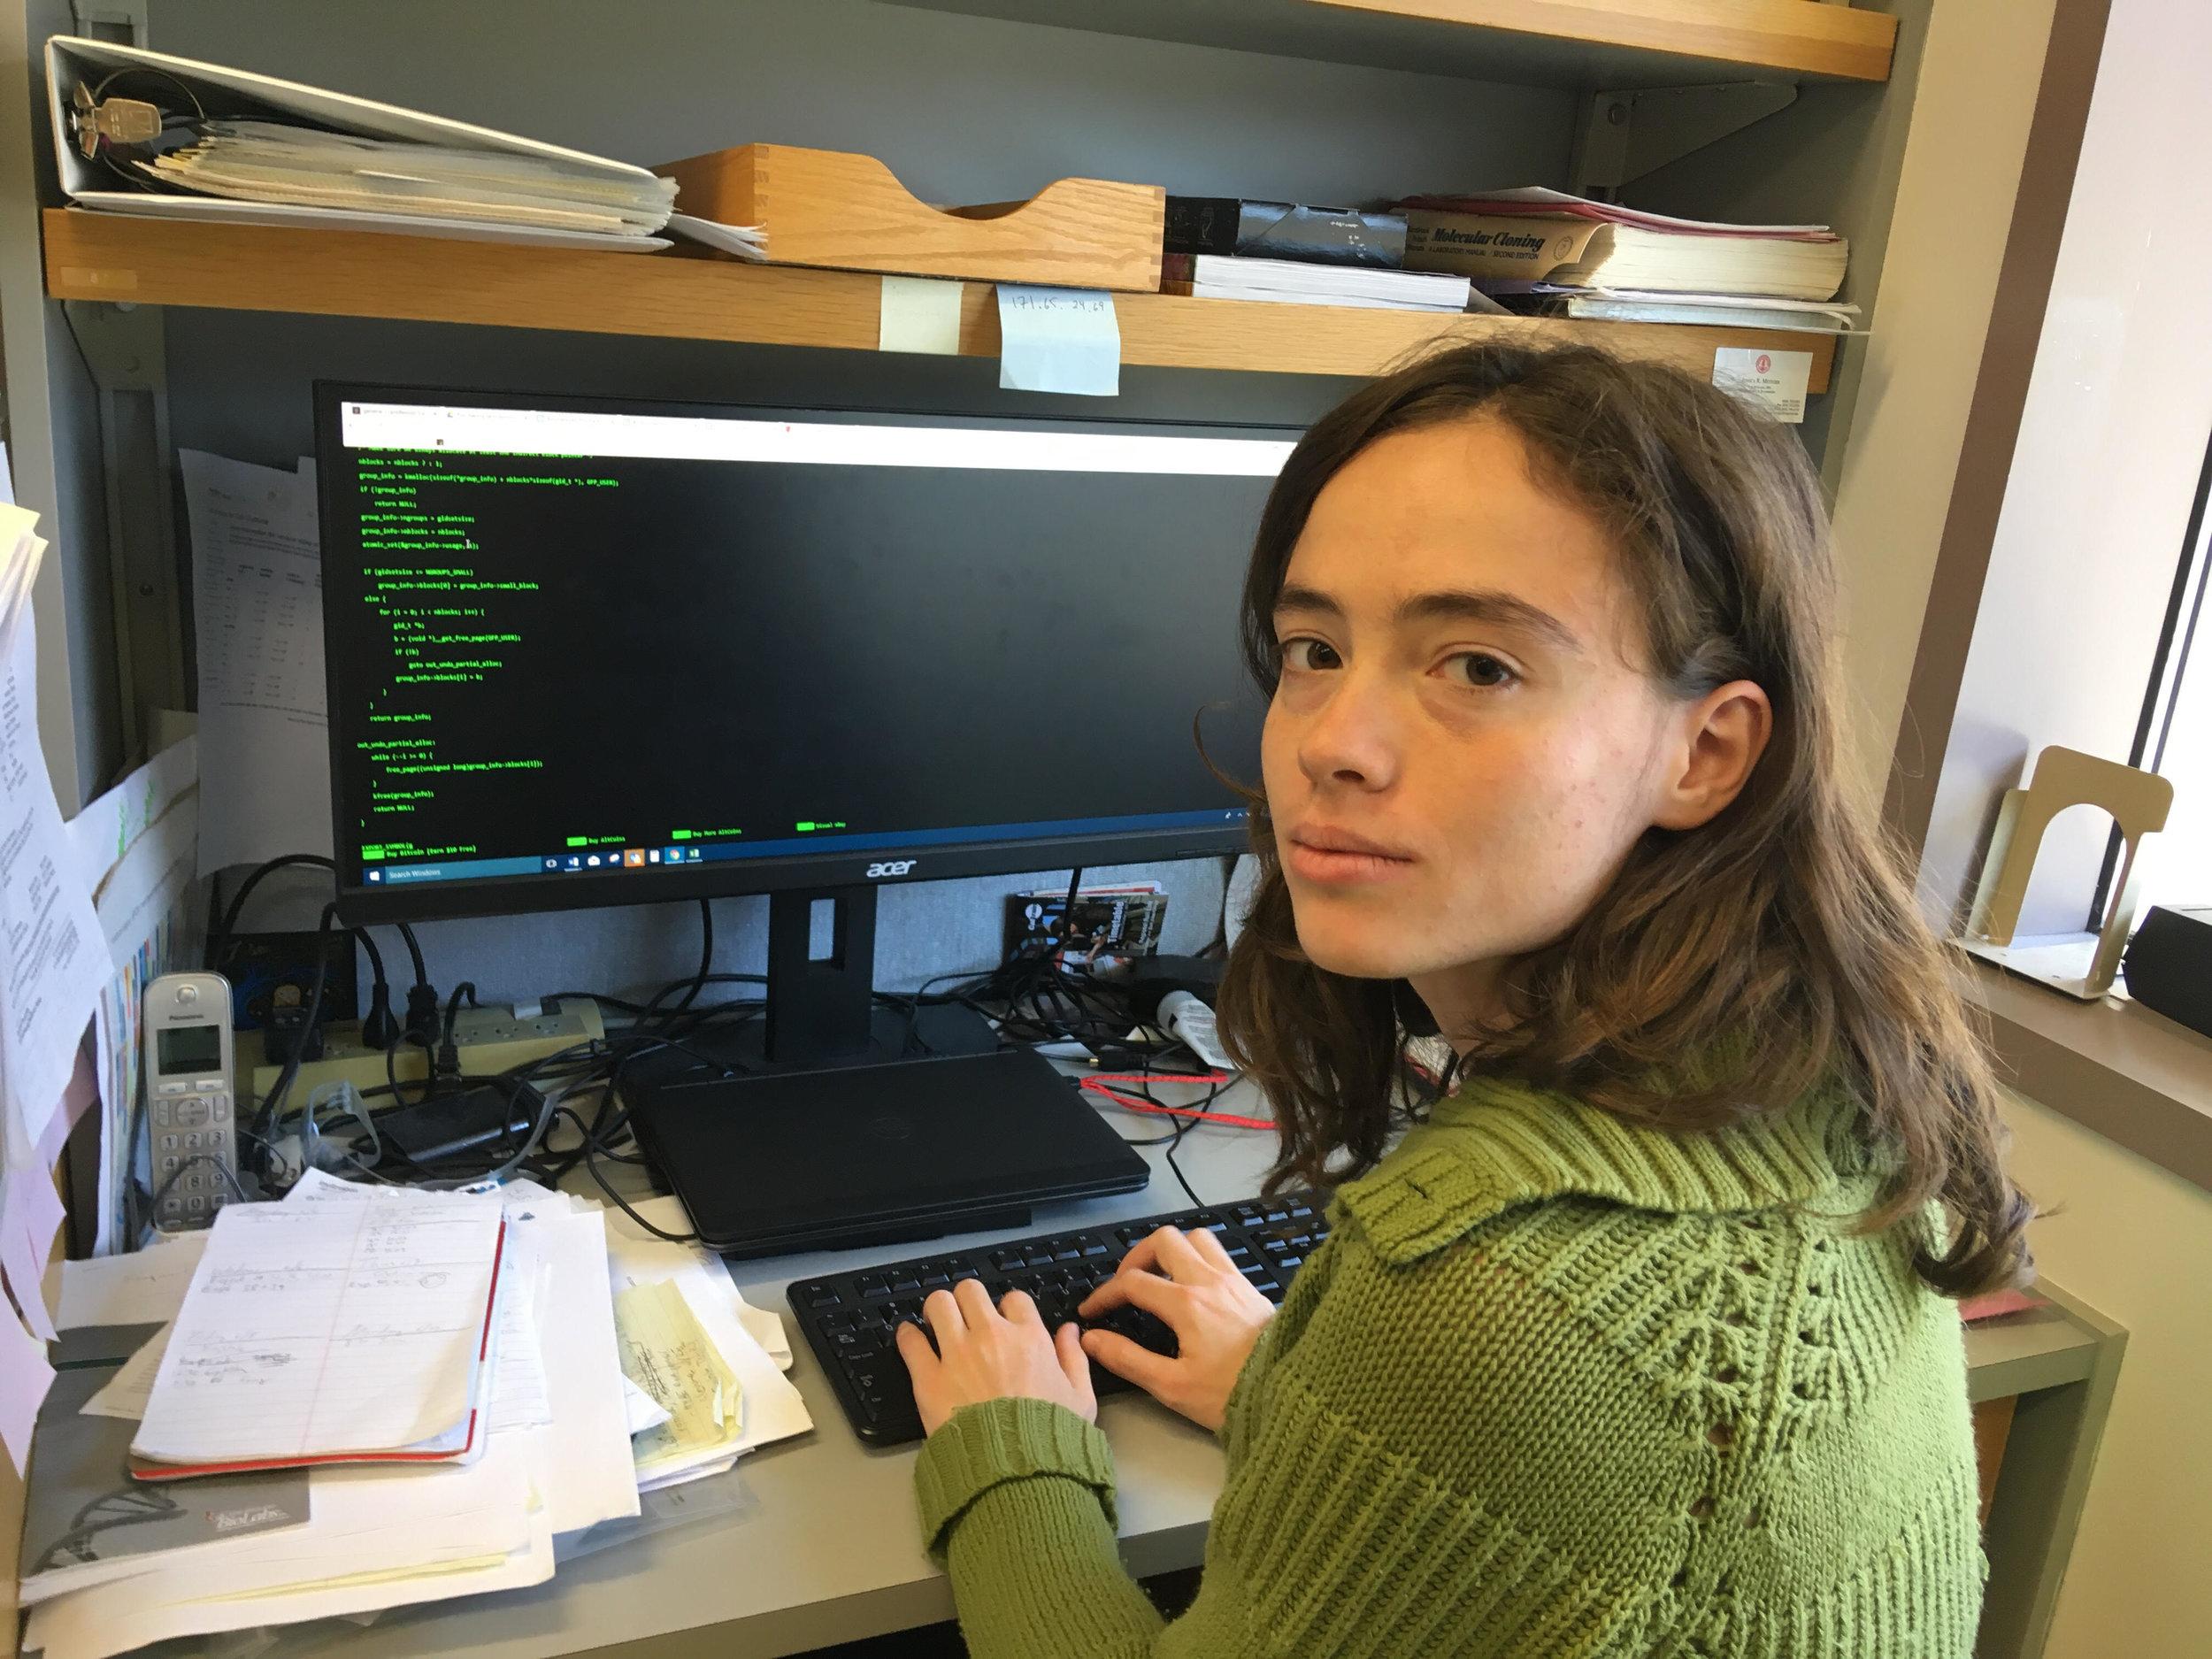 julia_camera_typing.jpg